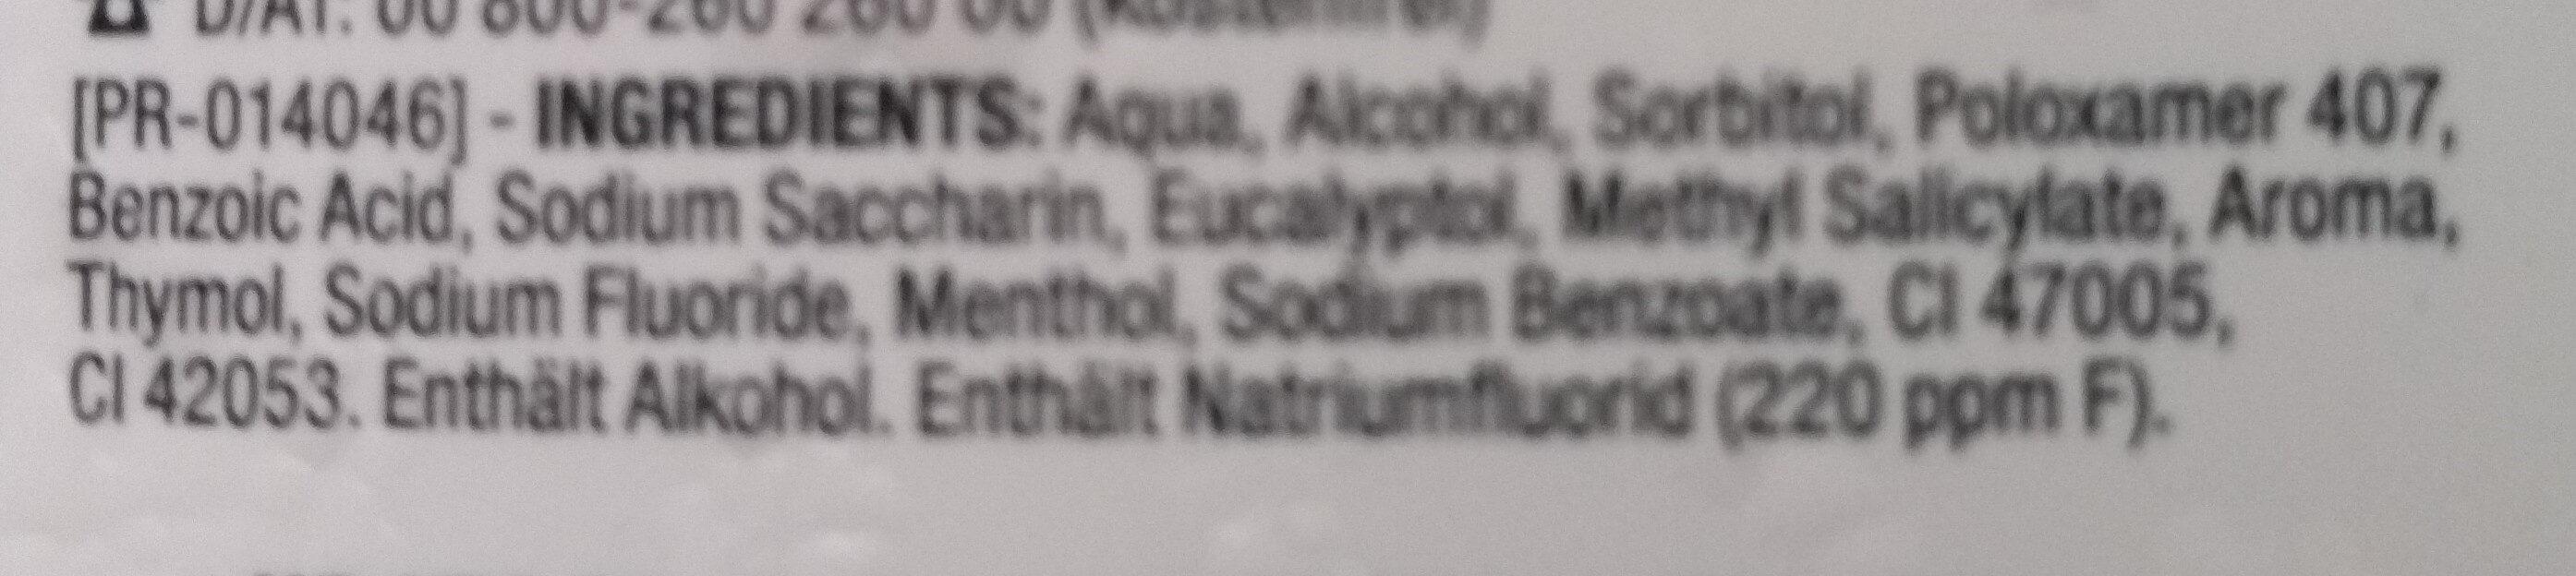 Zahn & Zahnfleischschutz - Ingredients - de